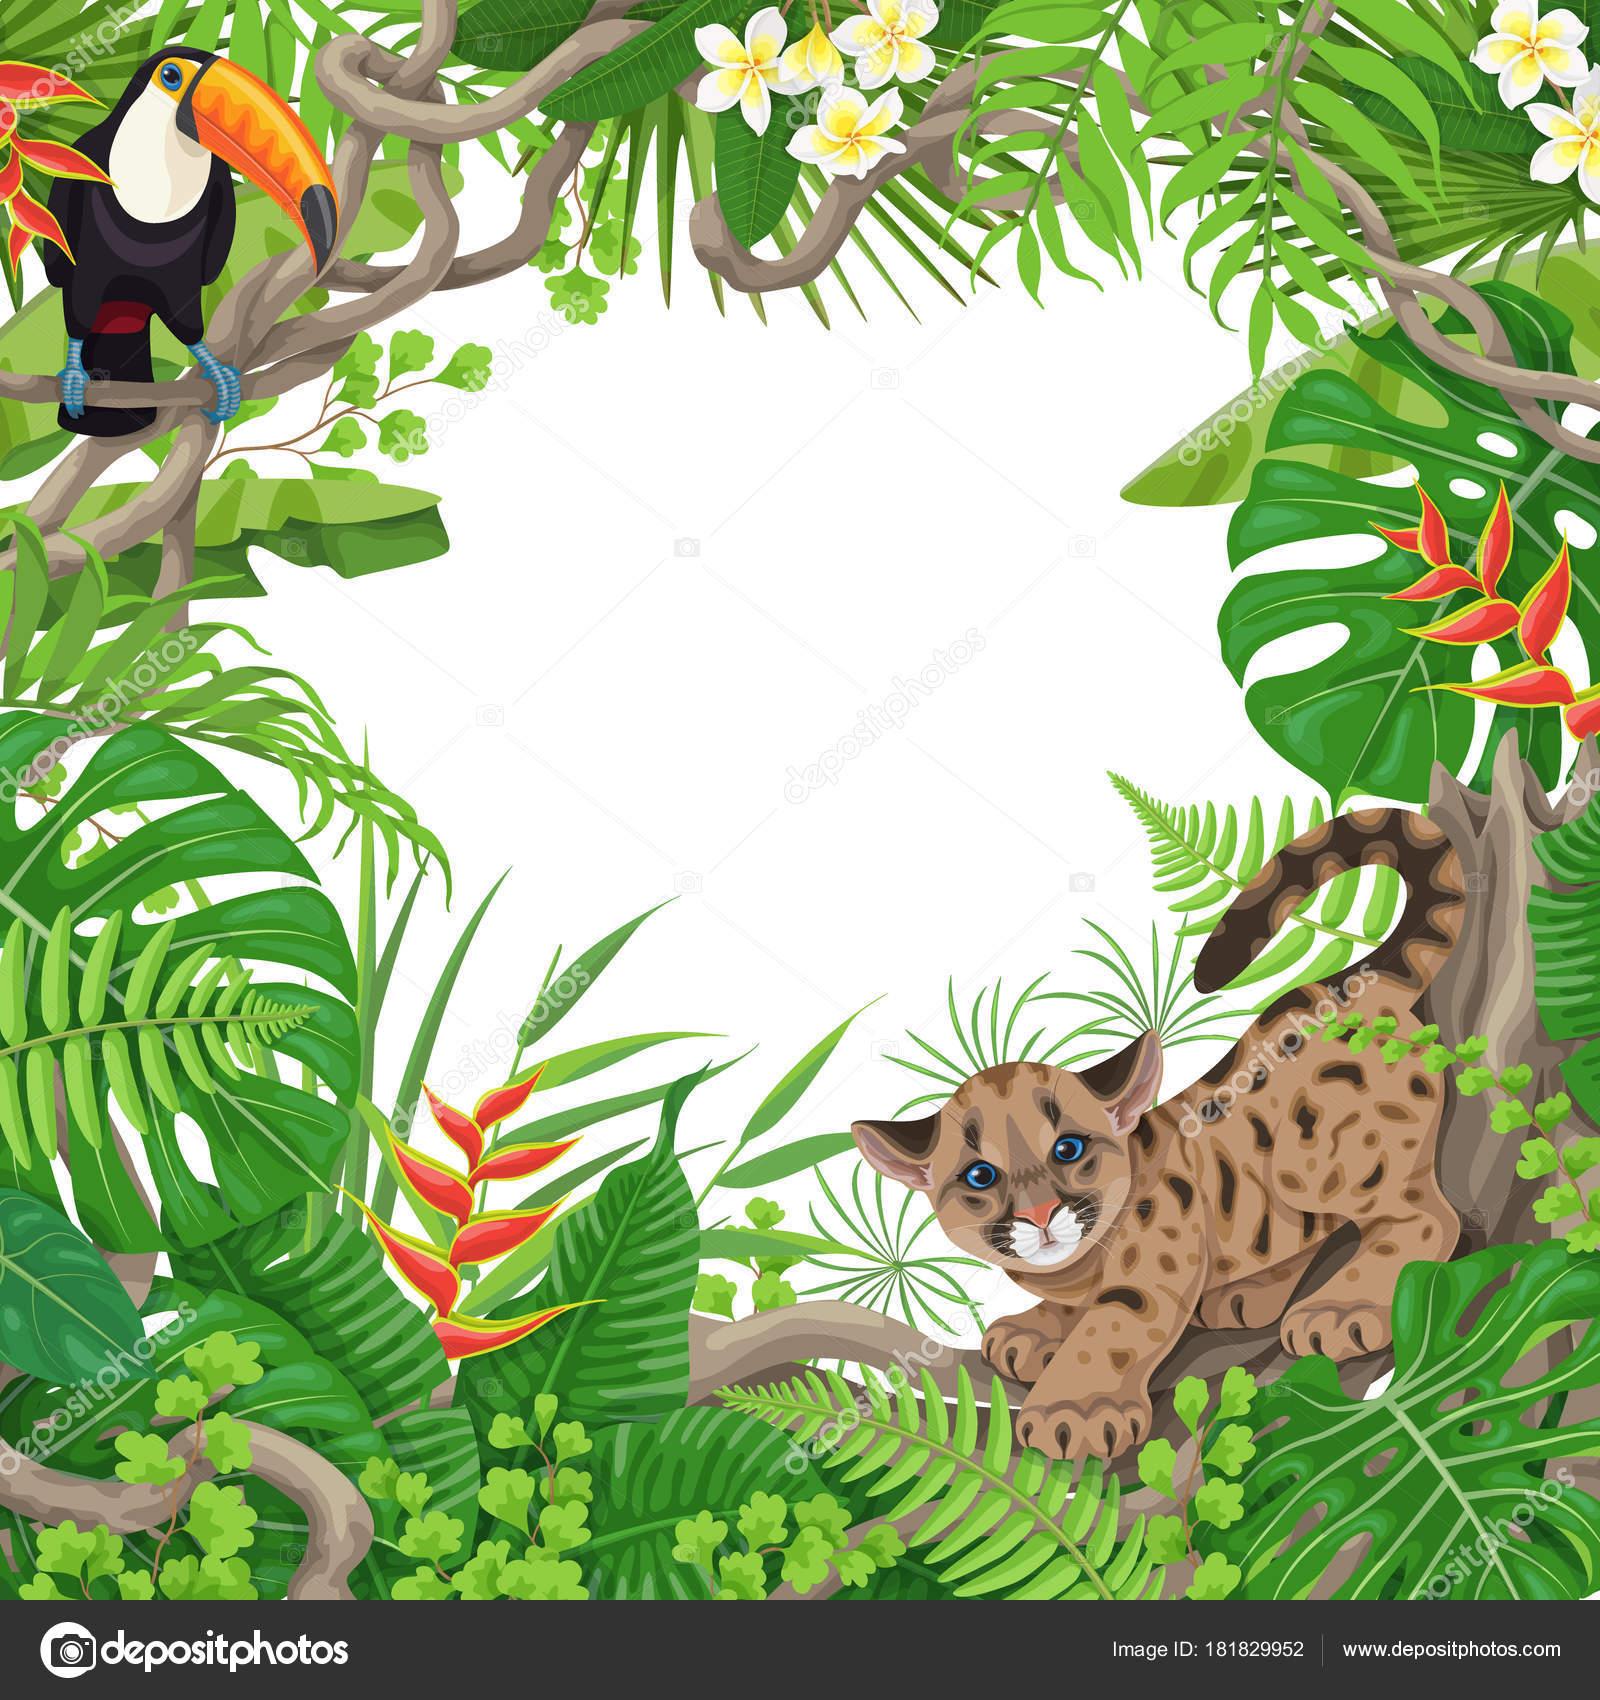 Im genes plantas y animales marco tropical con plantas y animales vector de stock valiva - Marcos para plantas ...